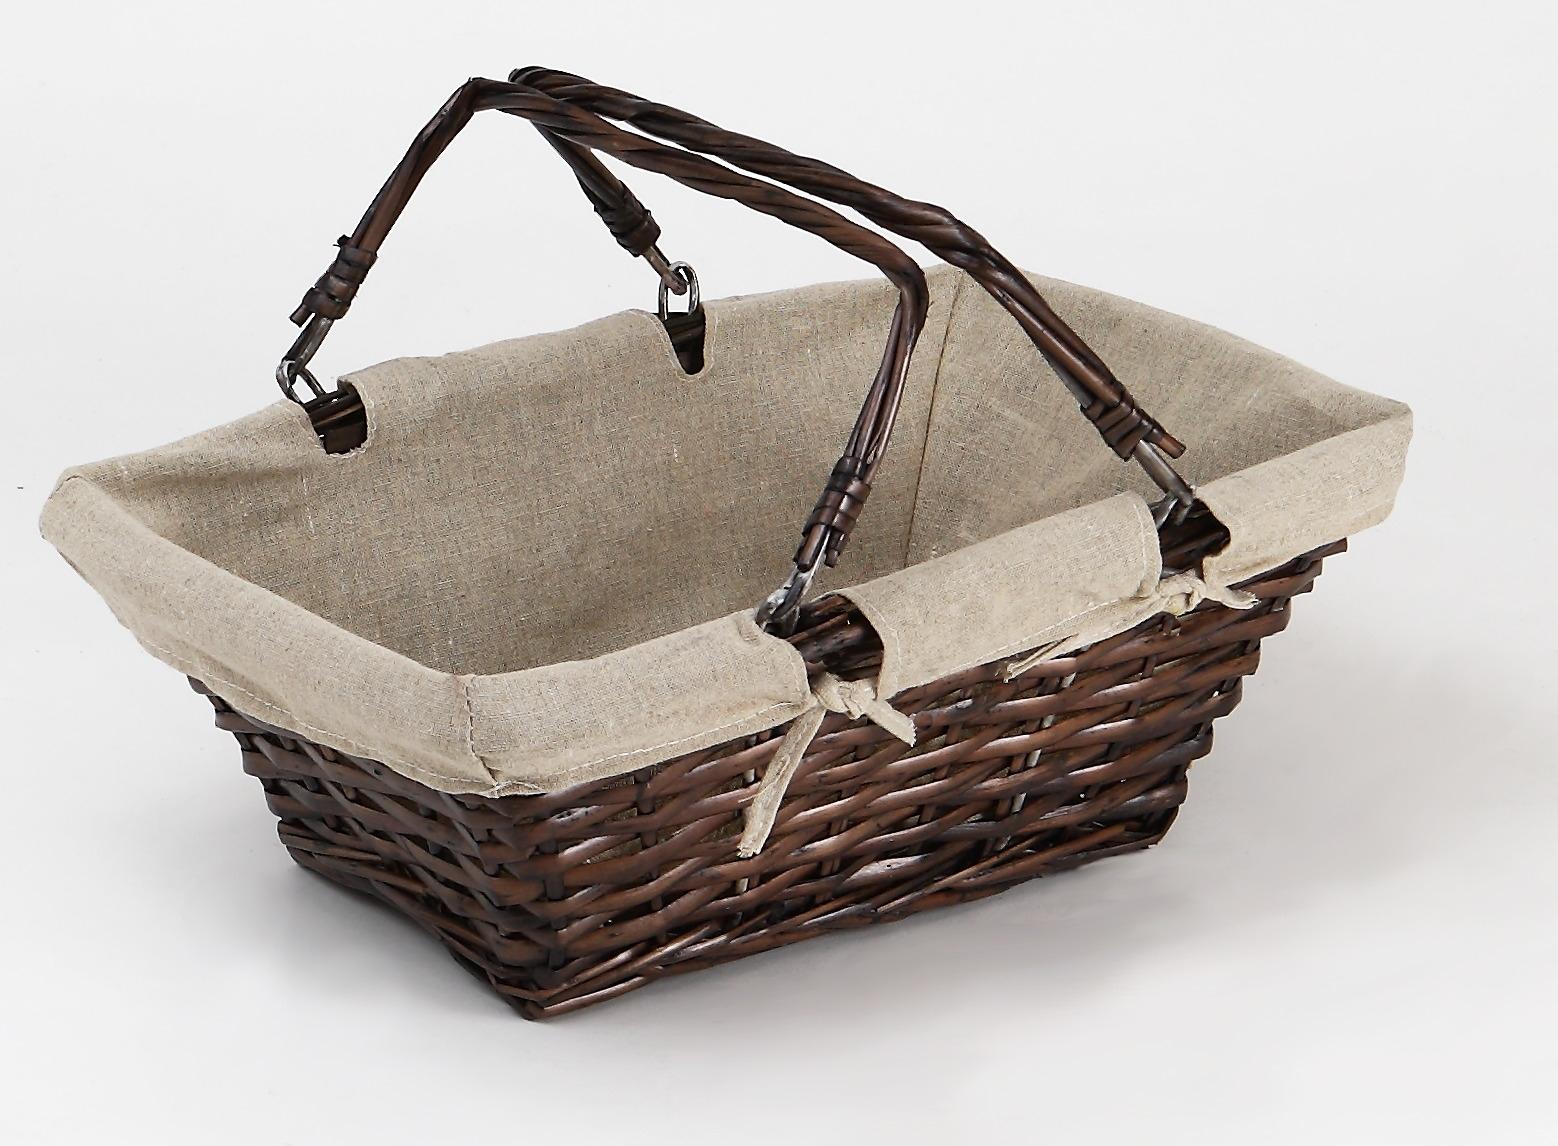 panier ovale rectangulaire en osier et bois marron. Black Bedroom Furniture Sets. Home Design Ideas